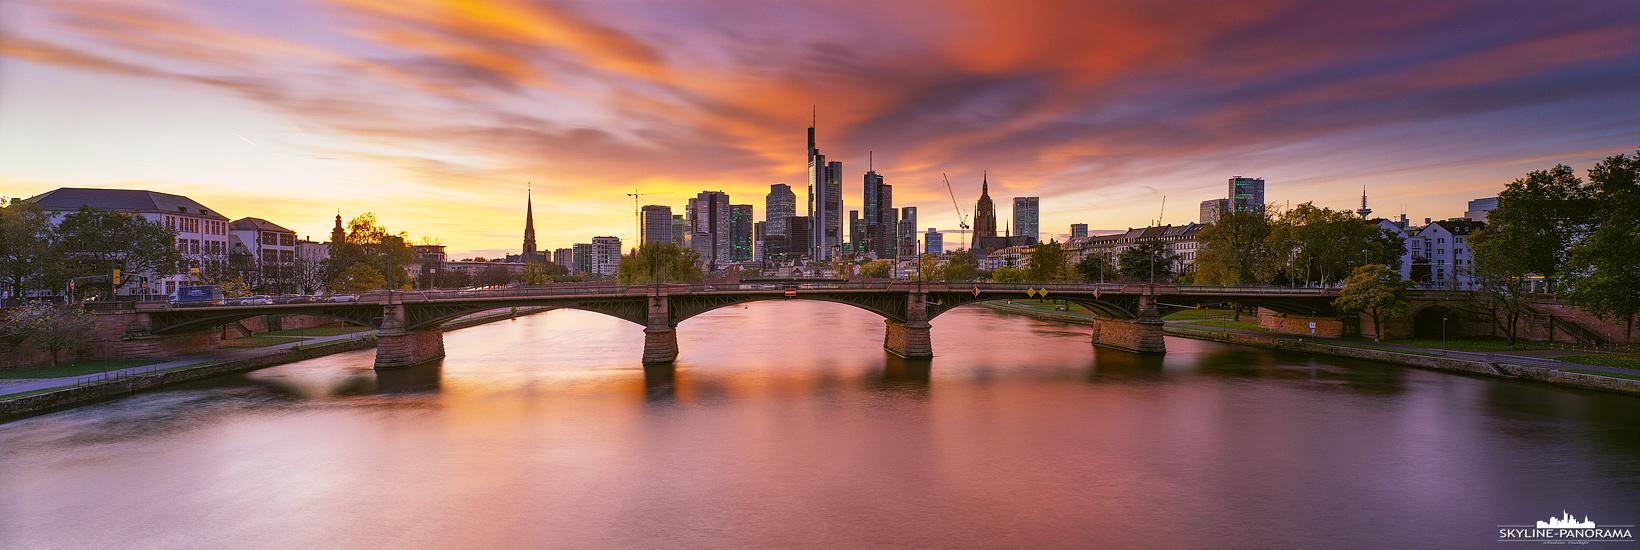 6x17 Panorama Frankfurt - Die Skyline mit dem ins Rot getauchten und hell erleuchteten Abendhimmel. Der Blick geht von der Flößerbrücke aus zur Skyline von FFM.